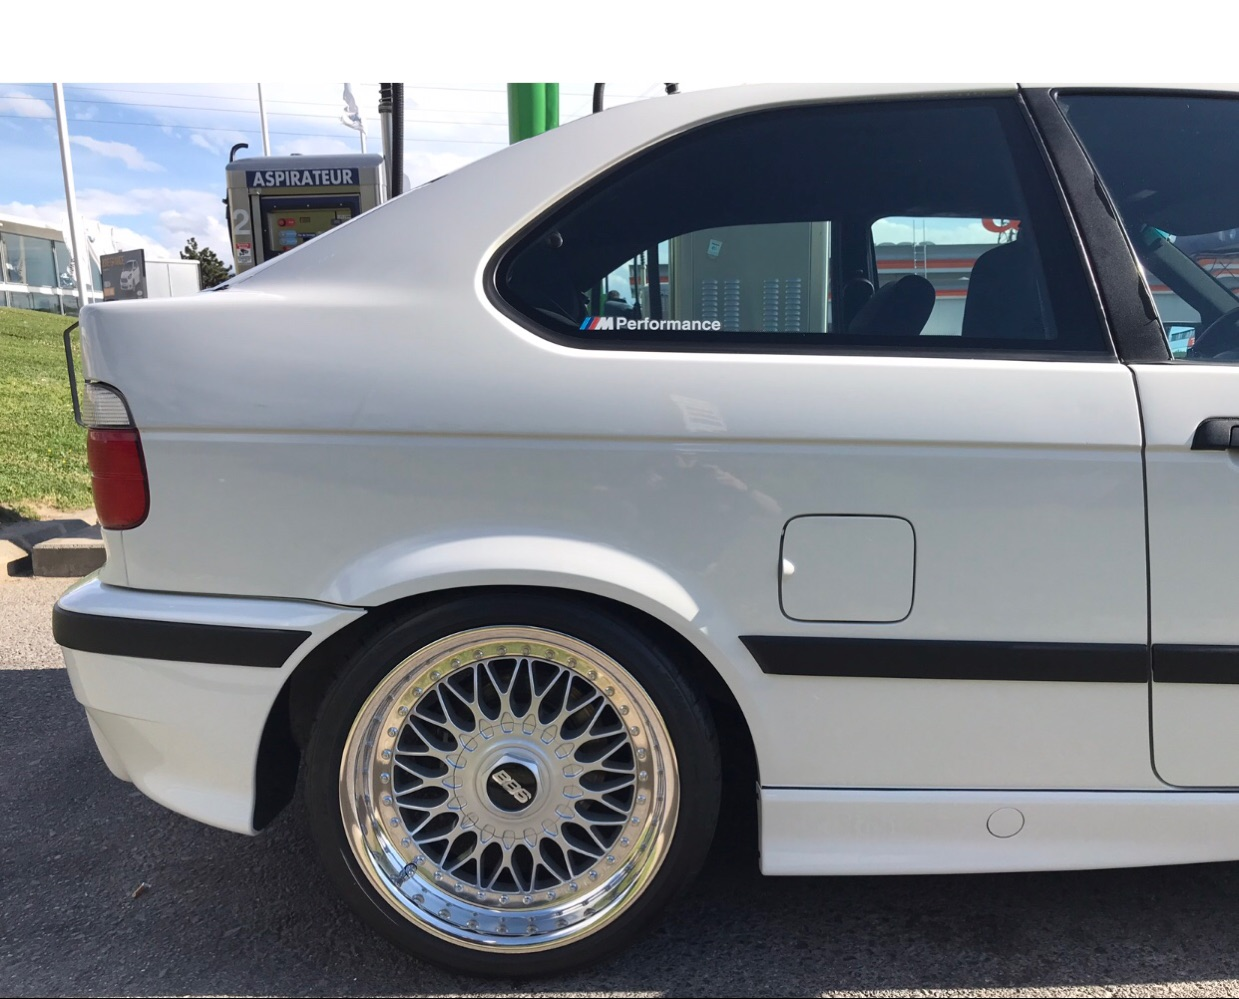 323ti Compact Alpin Weiss von Schweiz - 3er BMW - E36